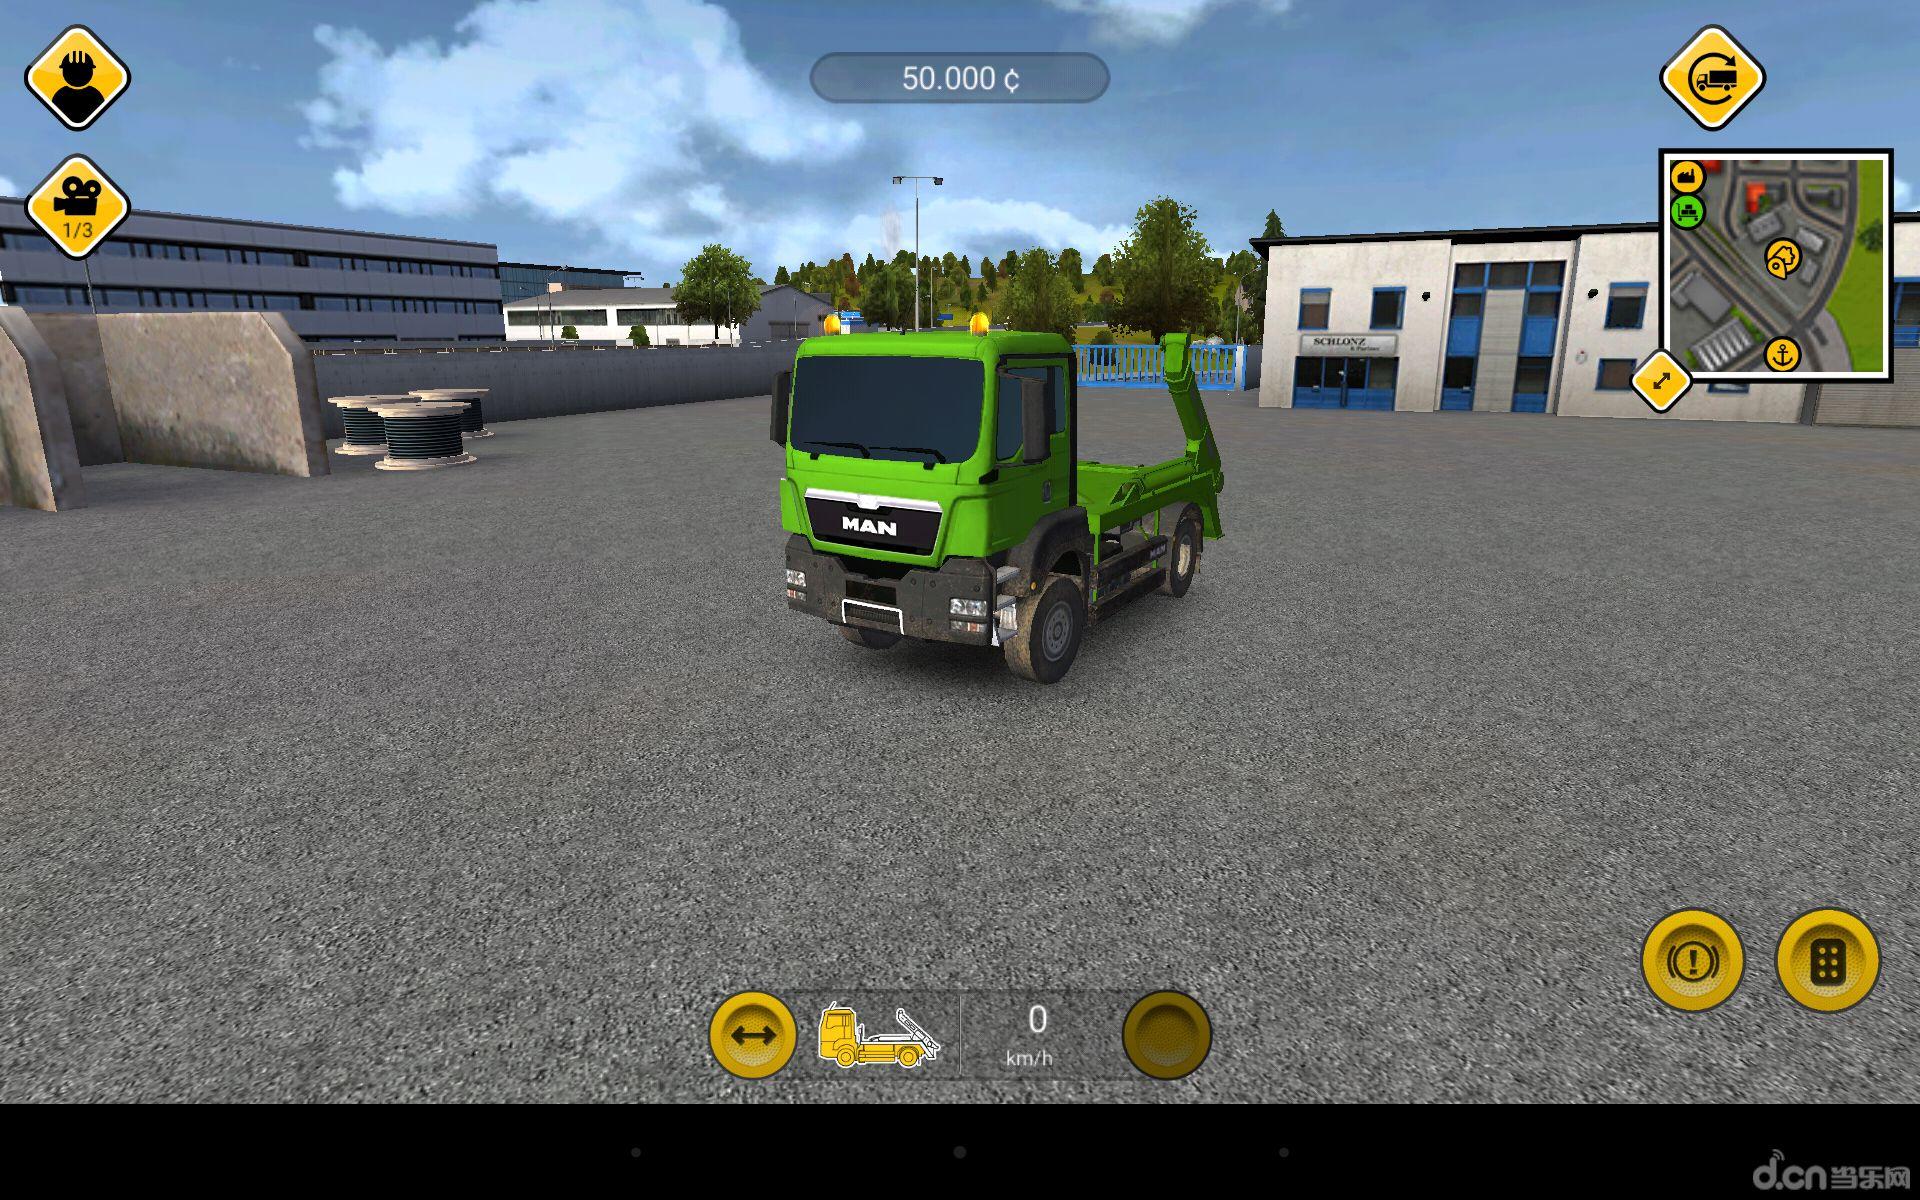 是一款模拟游戏,想亲自利用重型机器建造别墅和工业